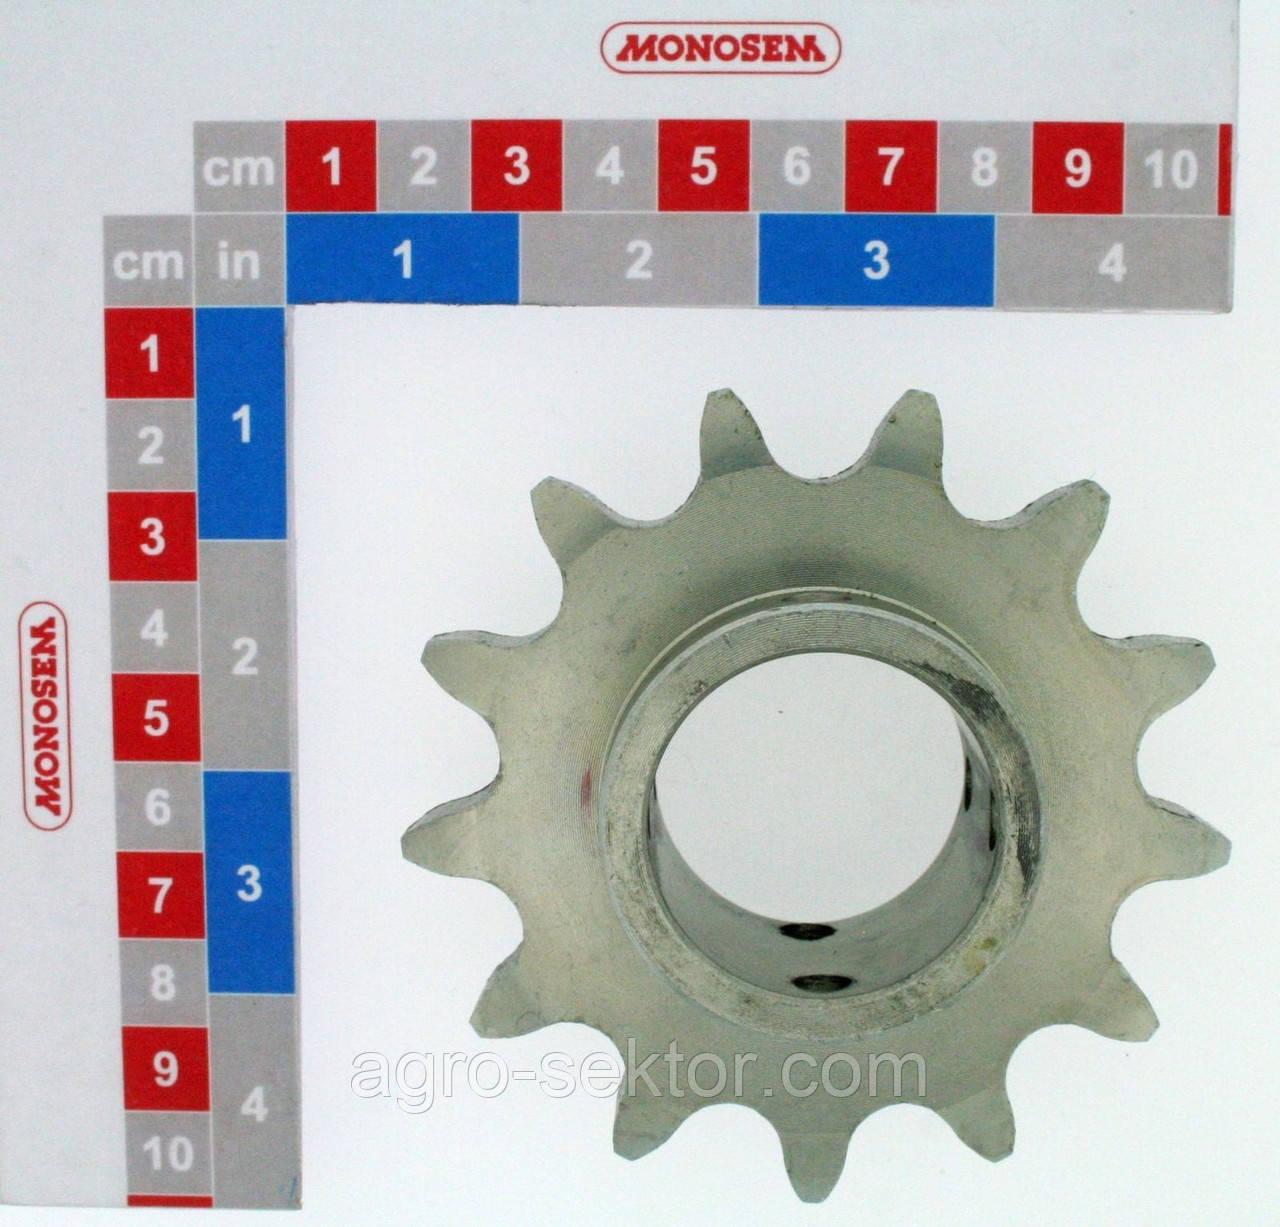 Нижняя звездочка колесного блока 4306-A,4306.A 10125019